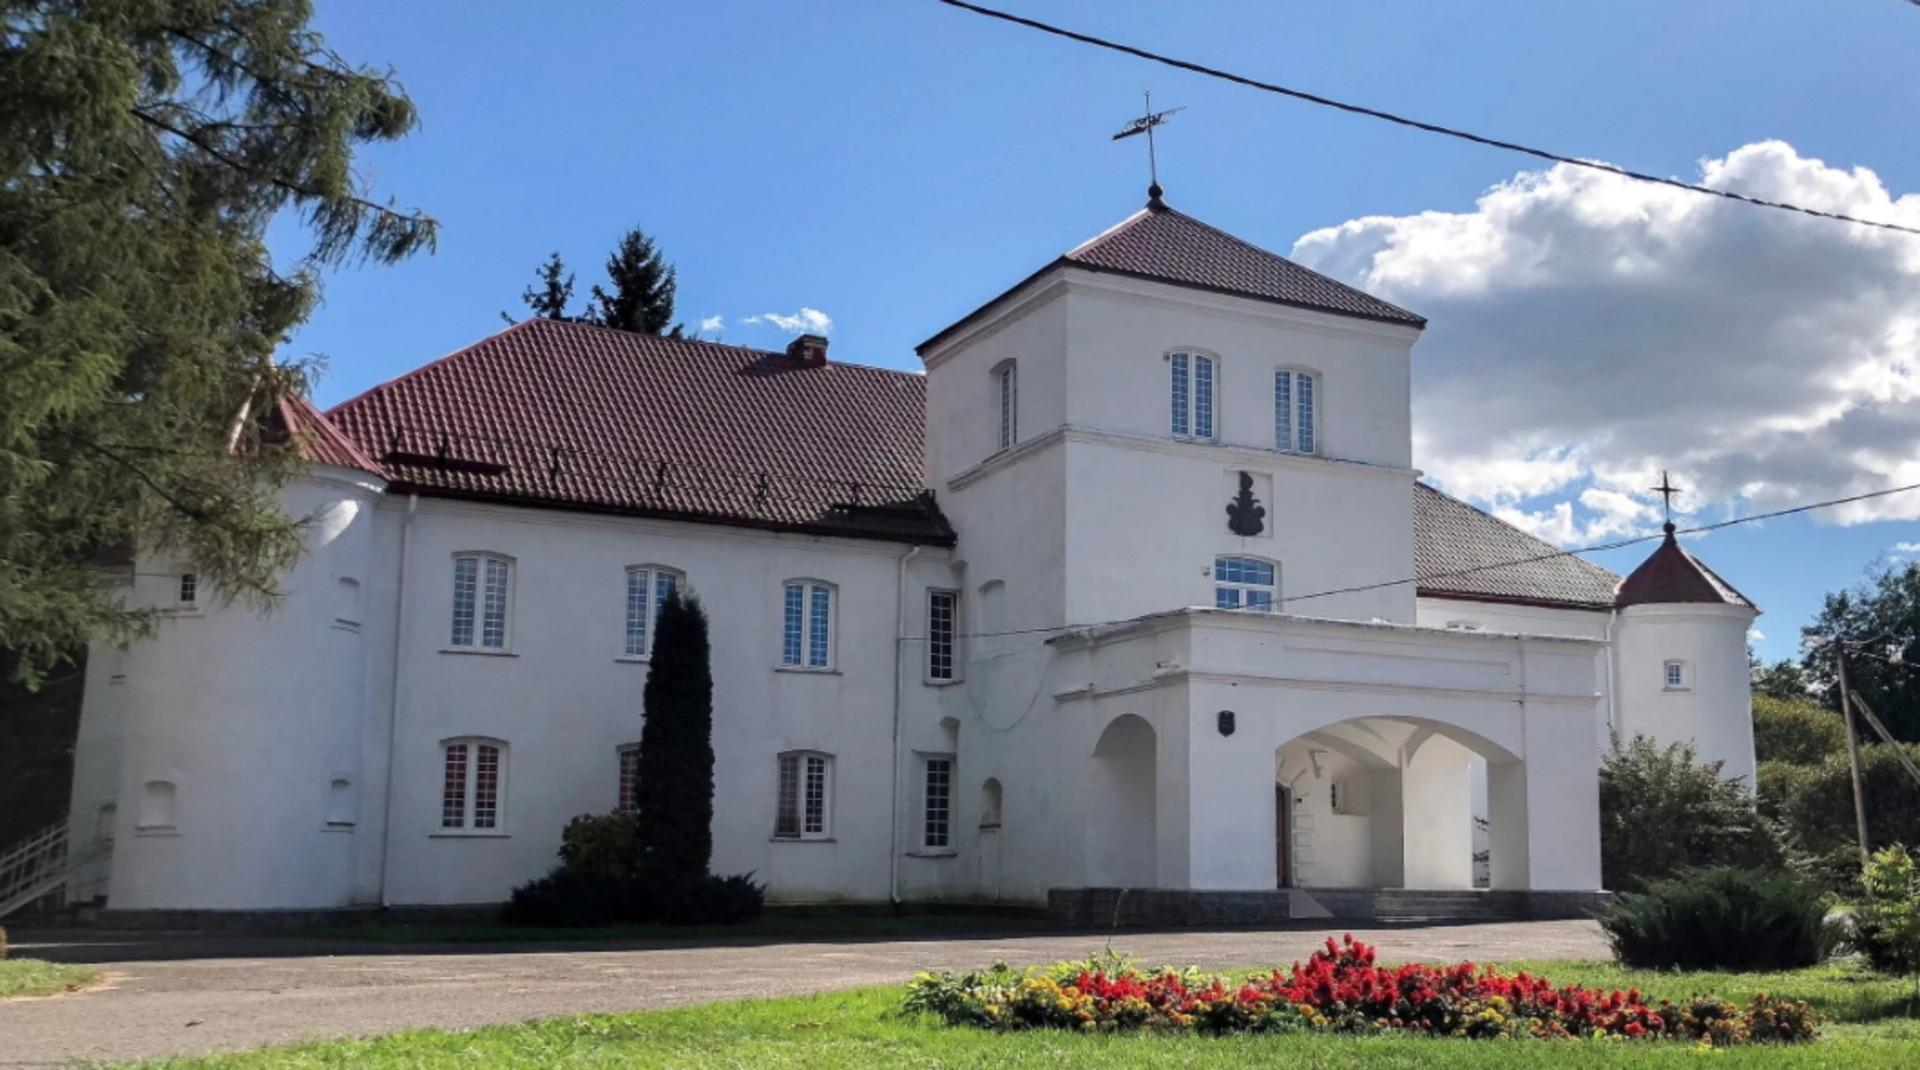 психиатрическая больница в Гайтюнишках